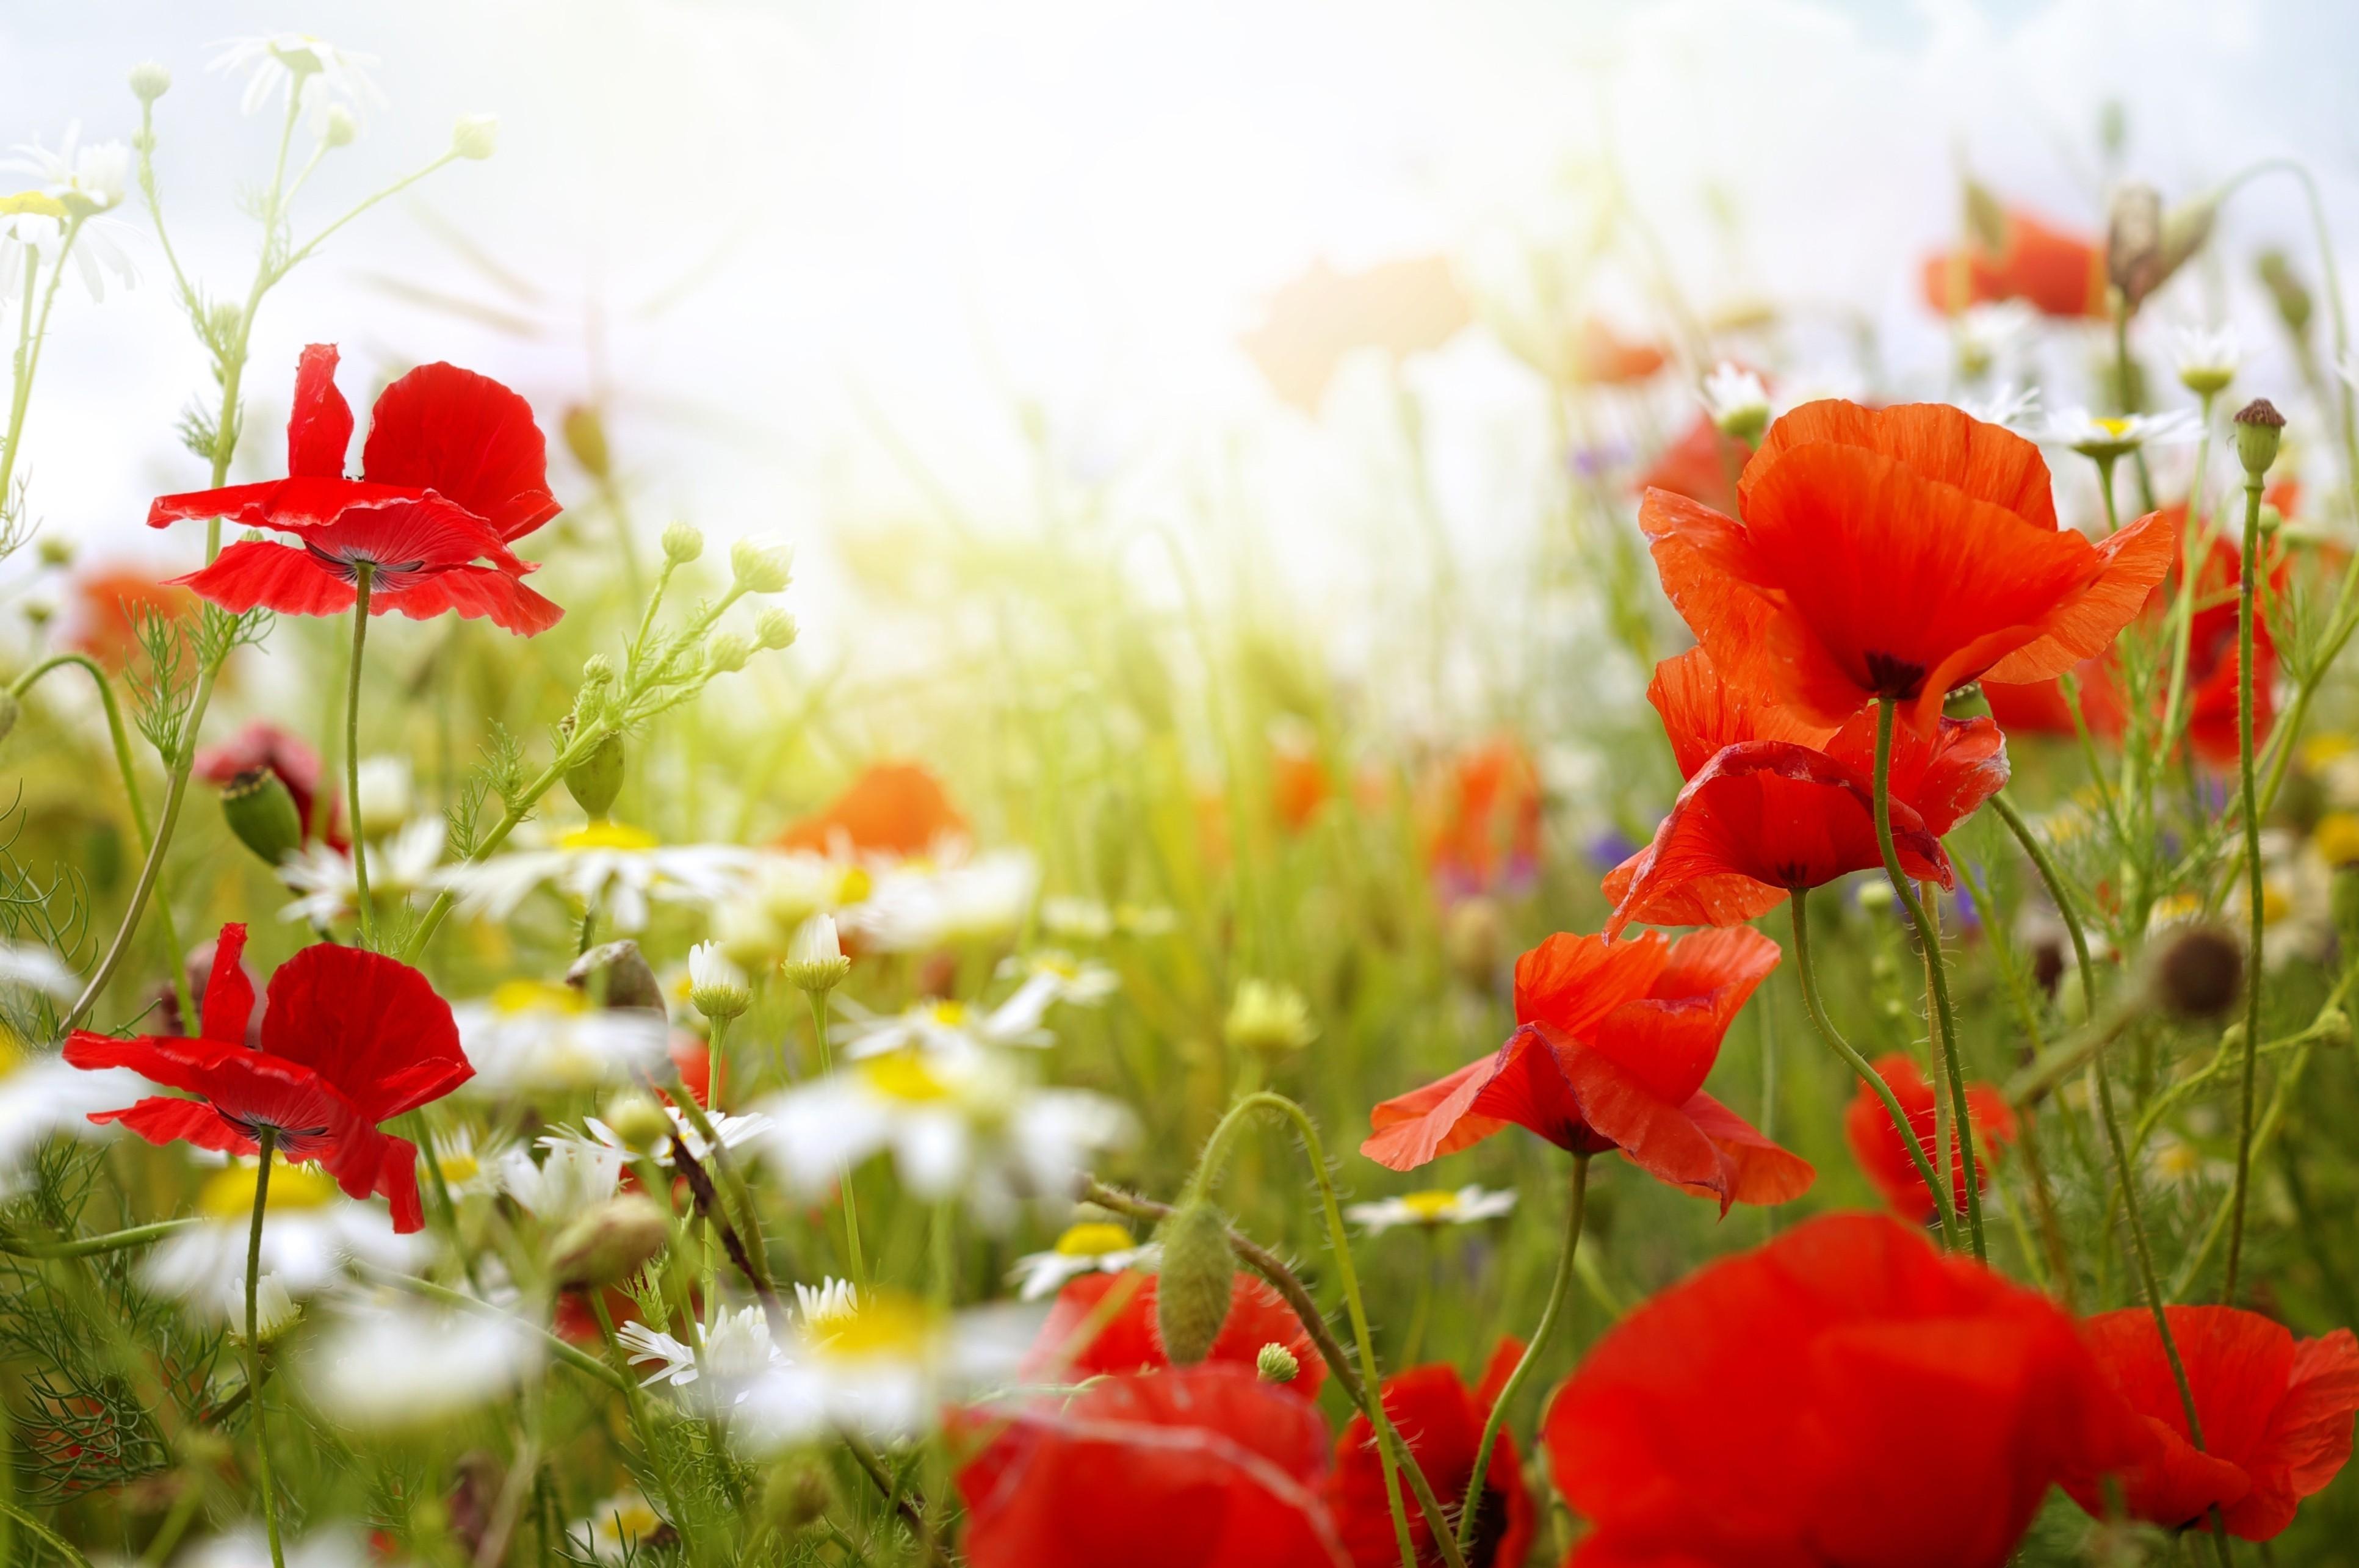 Wallpaper Field 4k Hd Wallpaper Chamomile Poppy Flowers Nature 5174